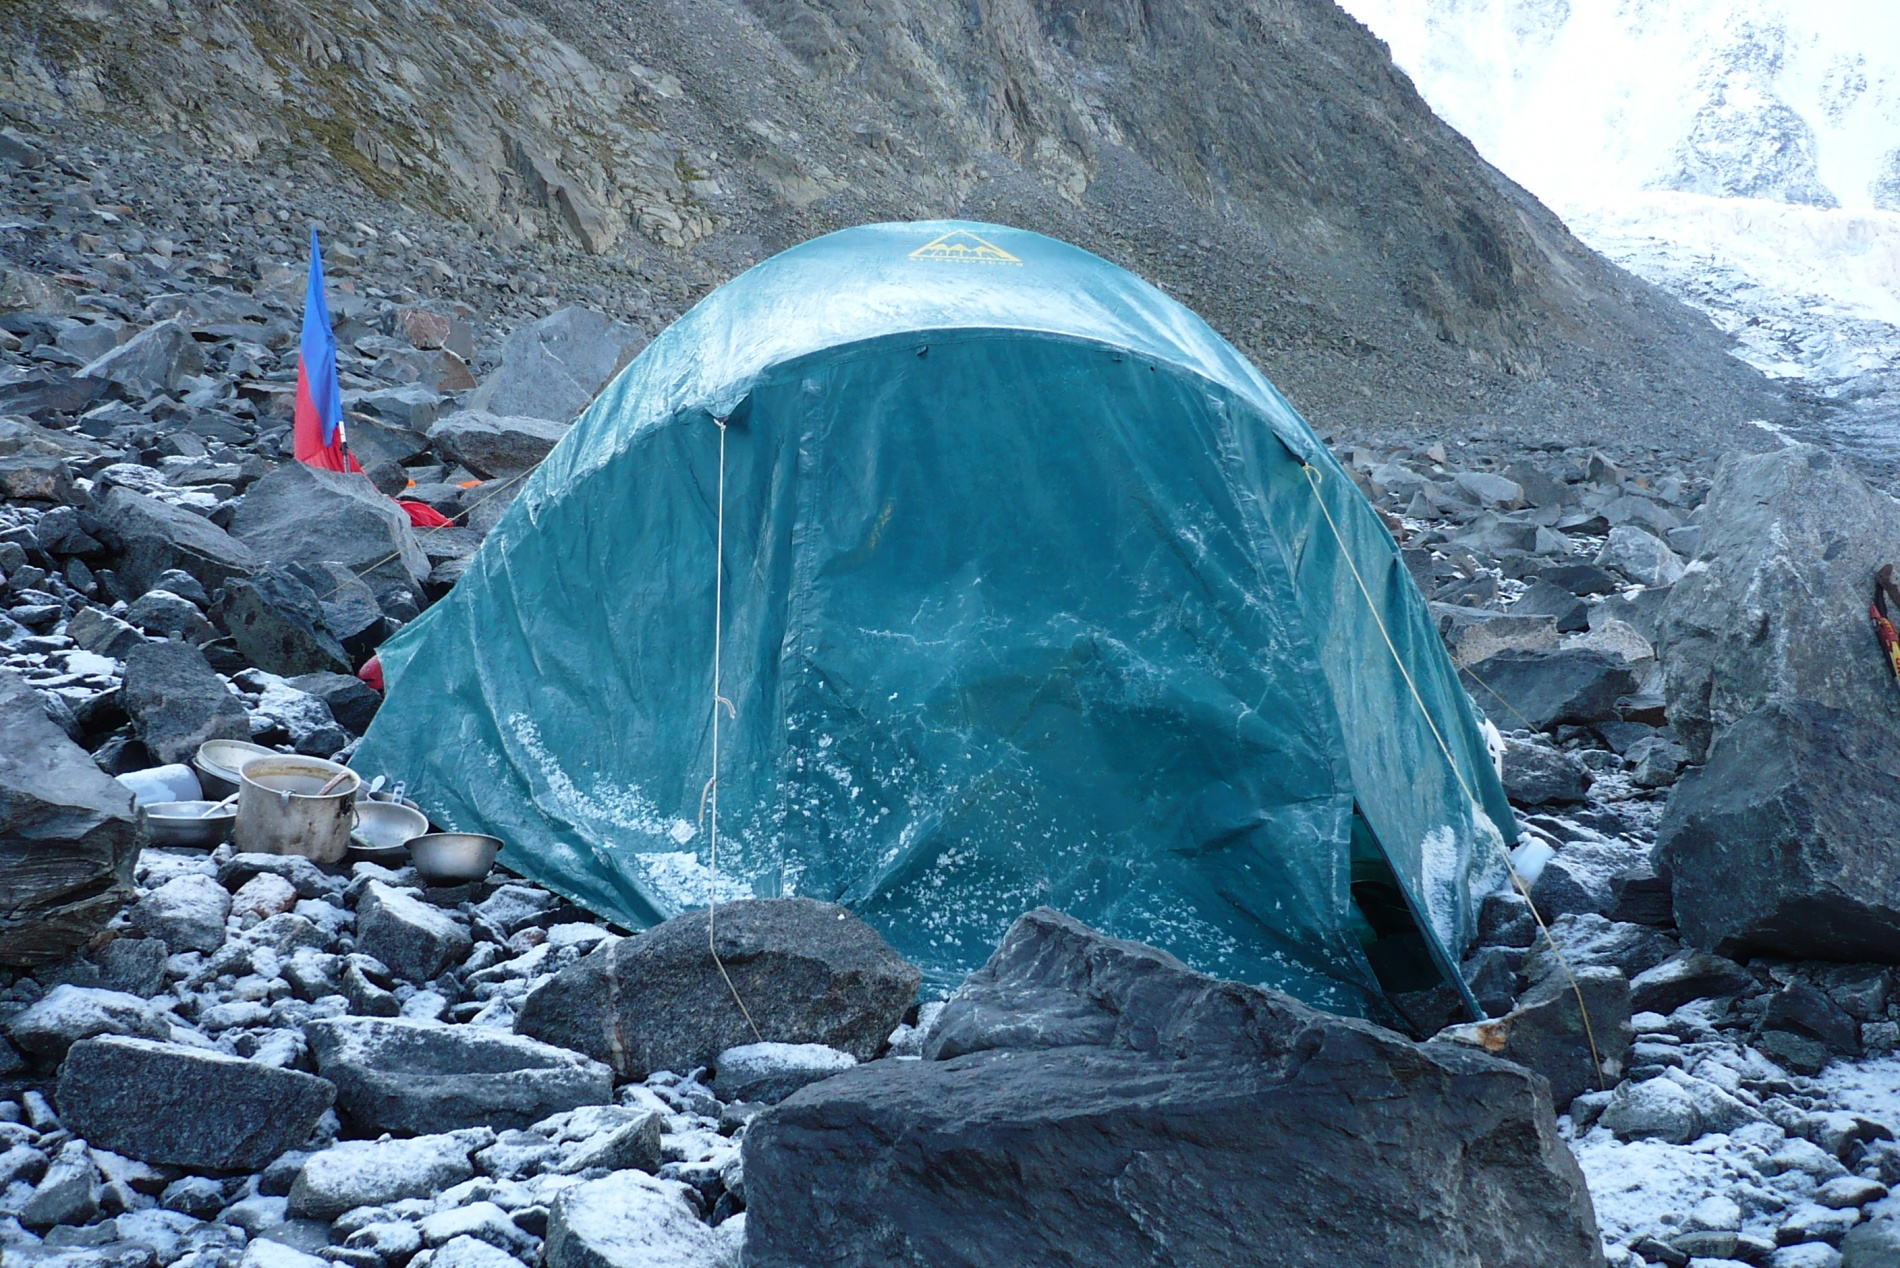 Обледеневшая палатка после непогоды